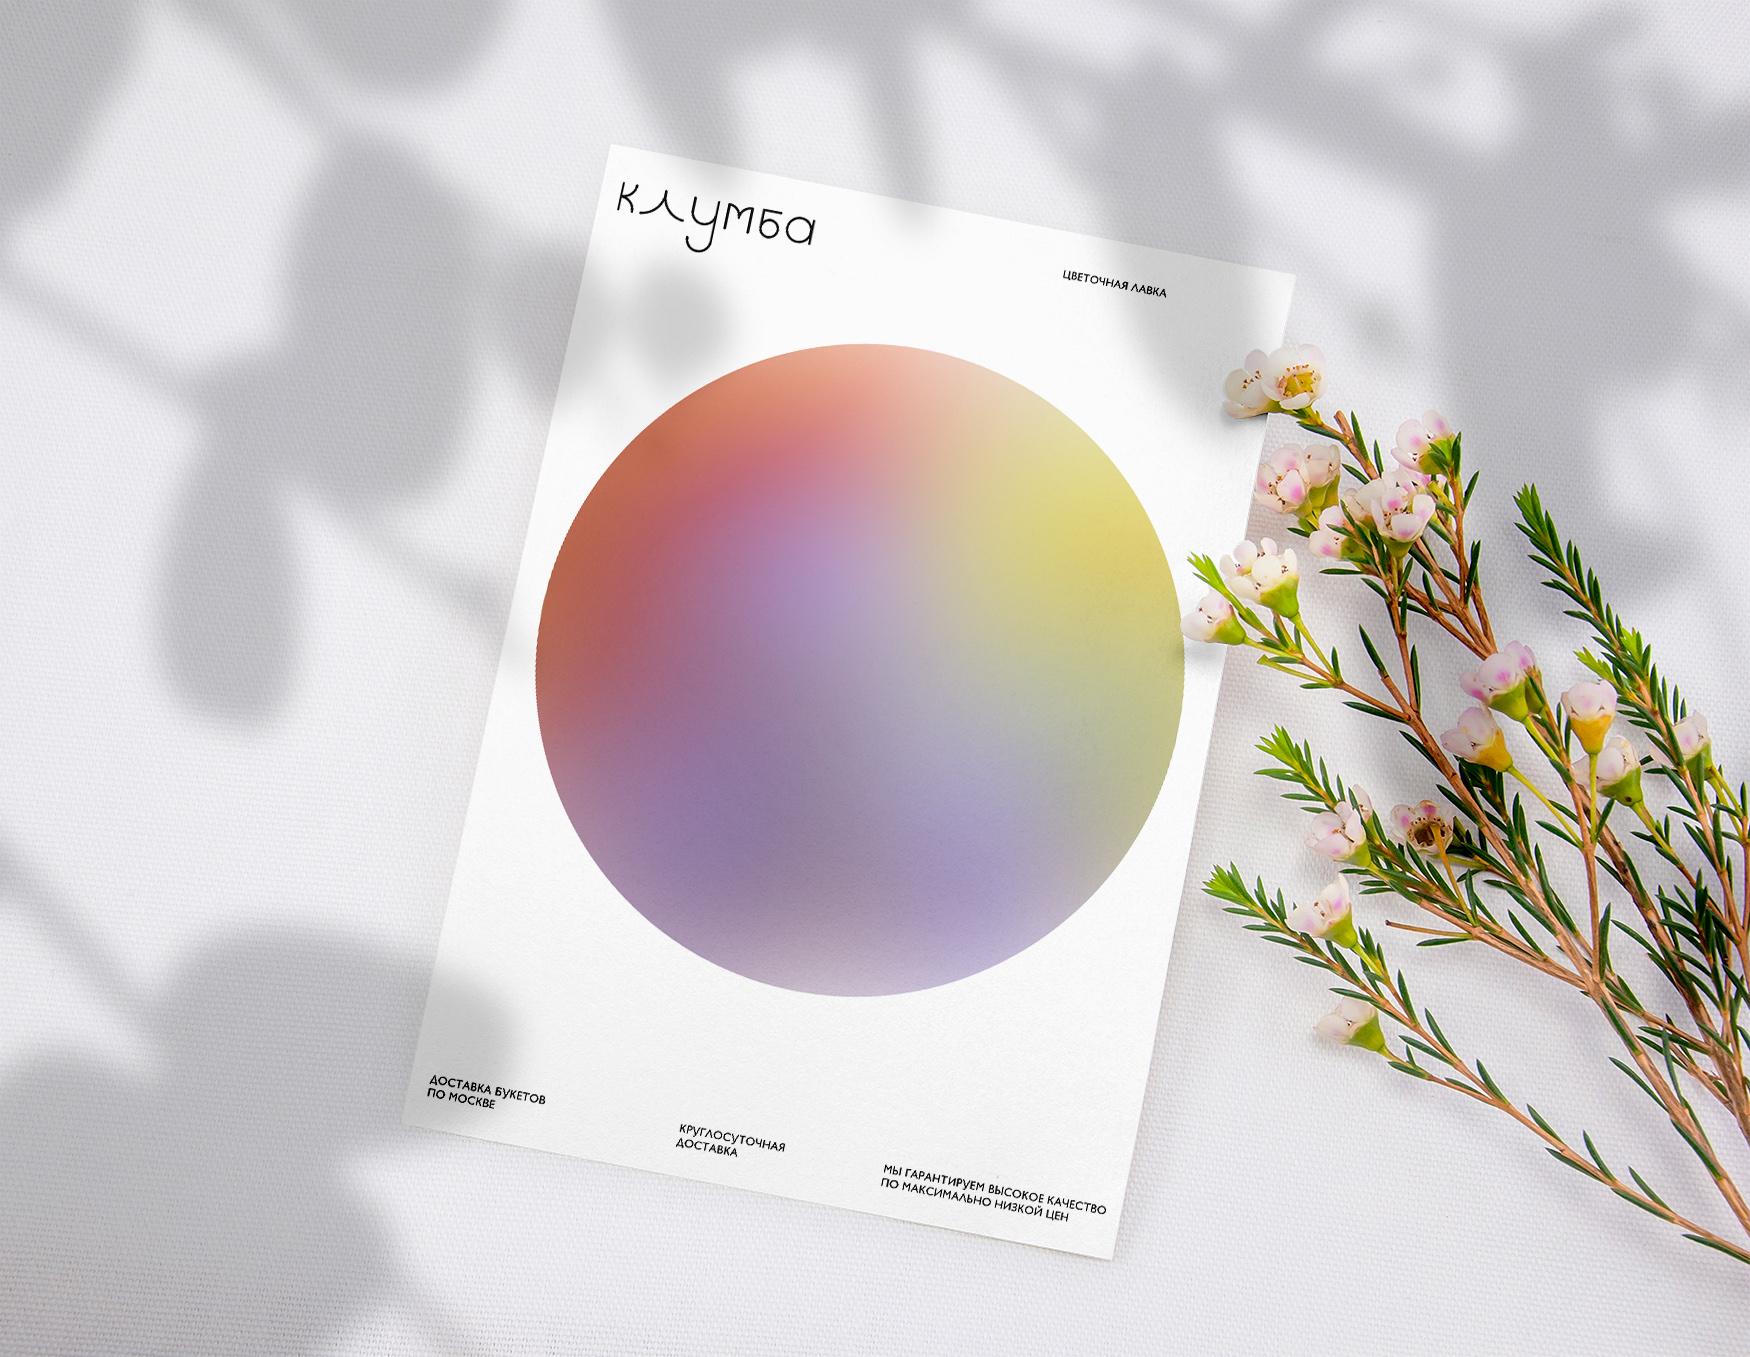 Student Brand Design Concept for Flower Shop